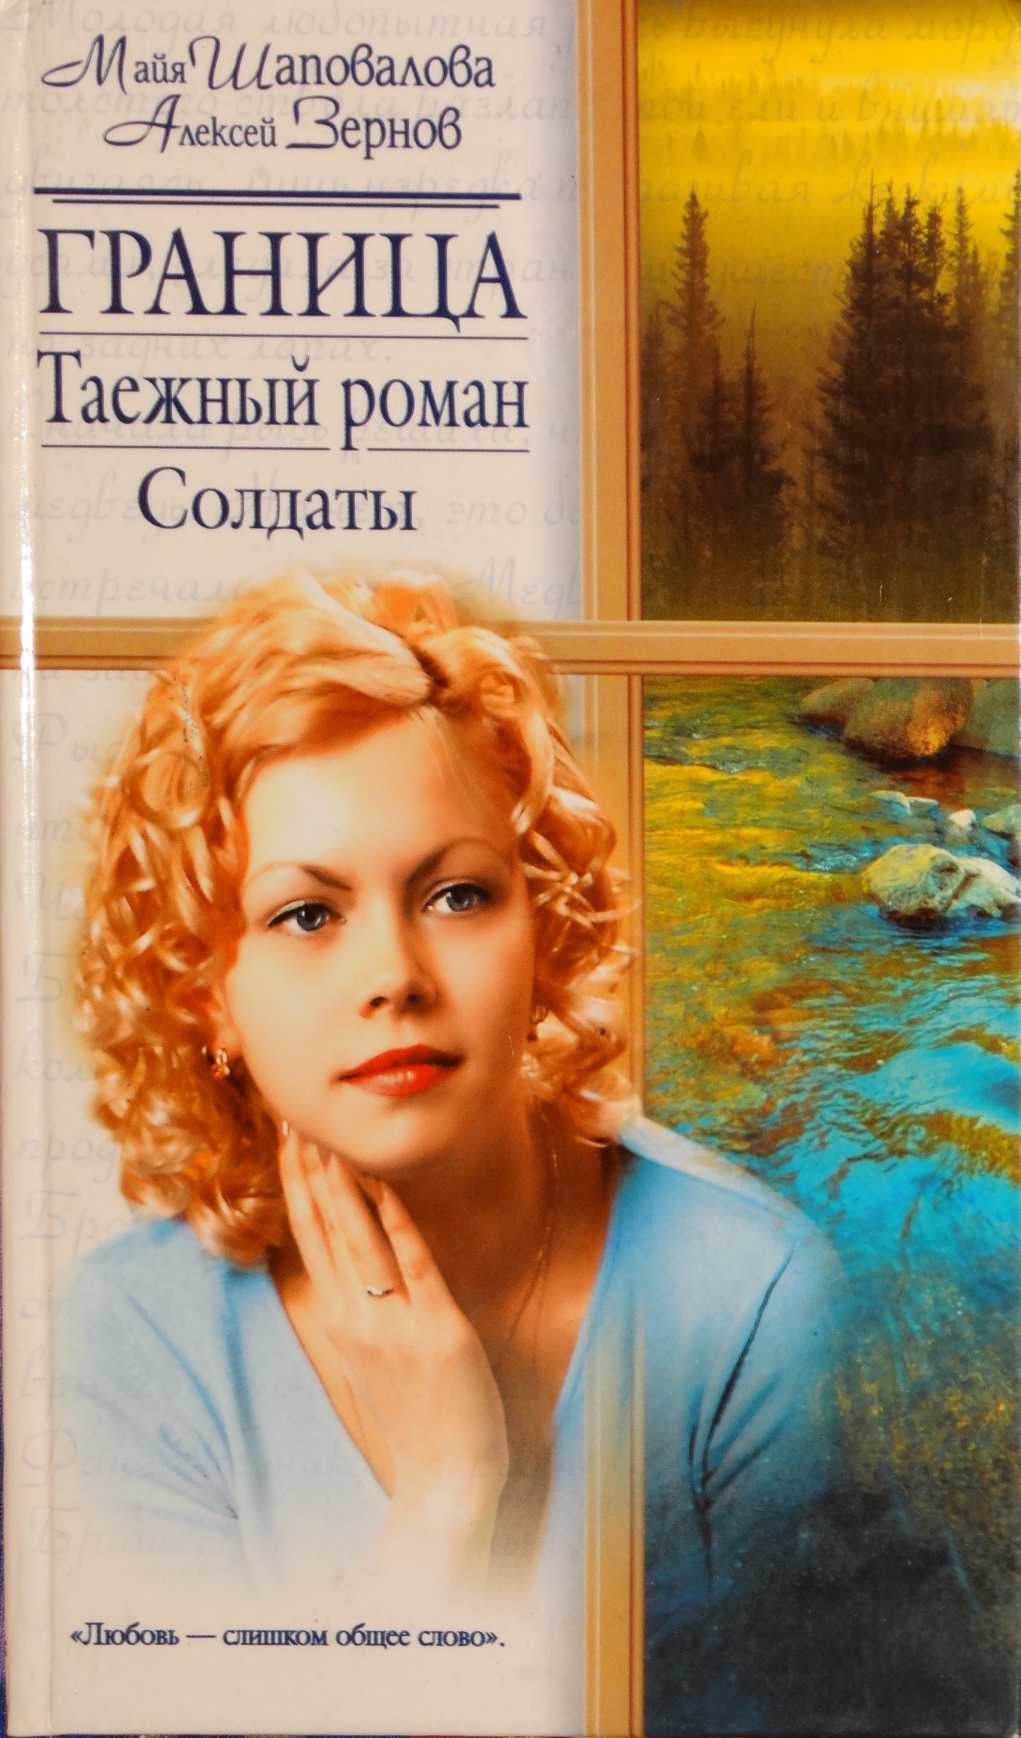 Скачать книгу роман бесплатно в формате fb2